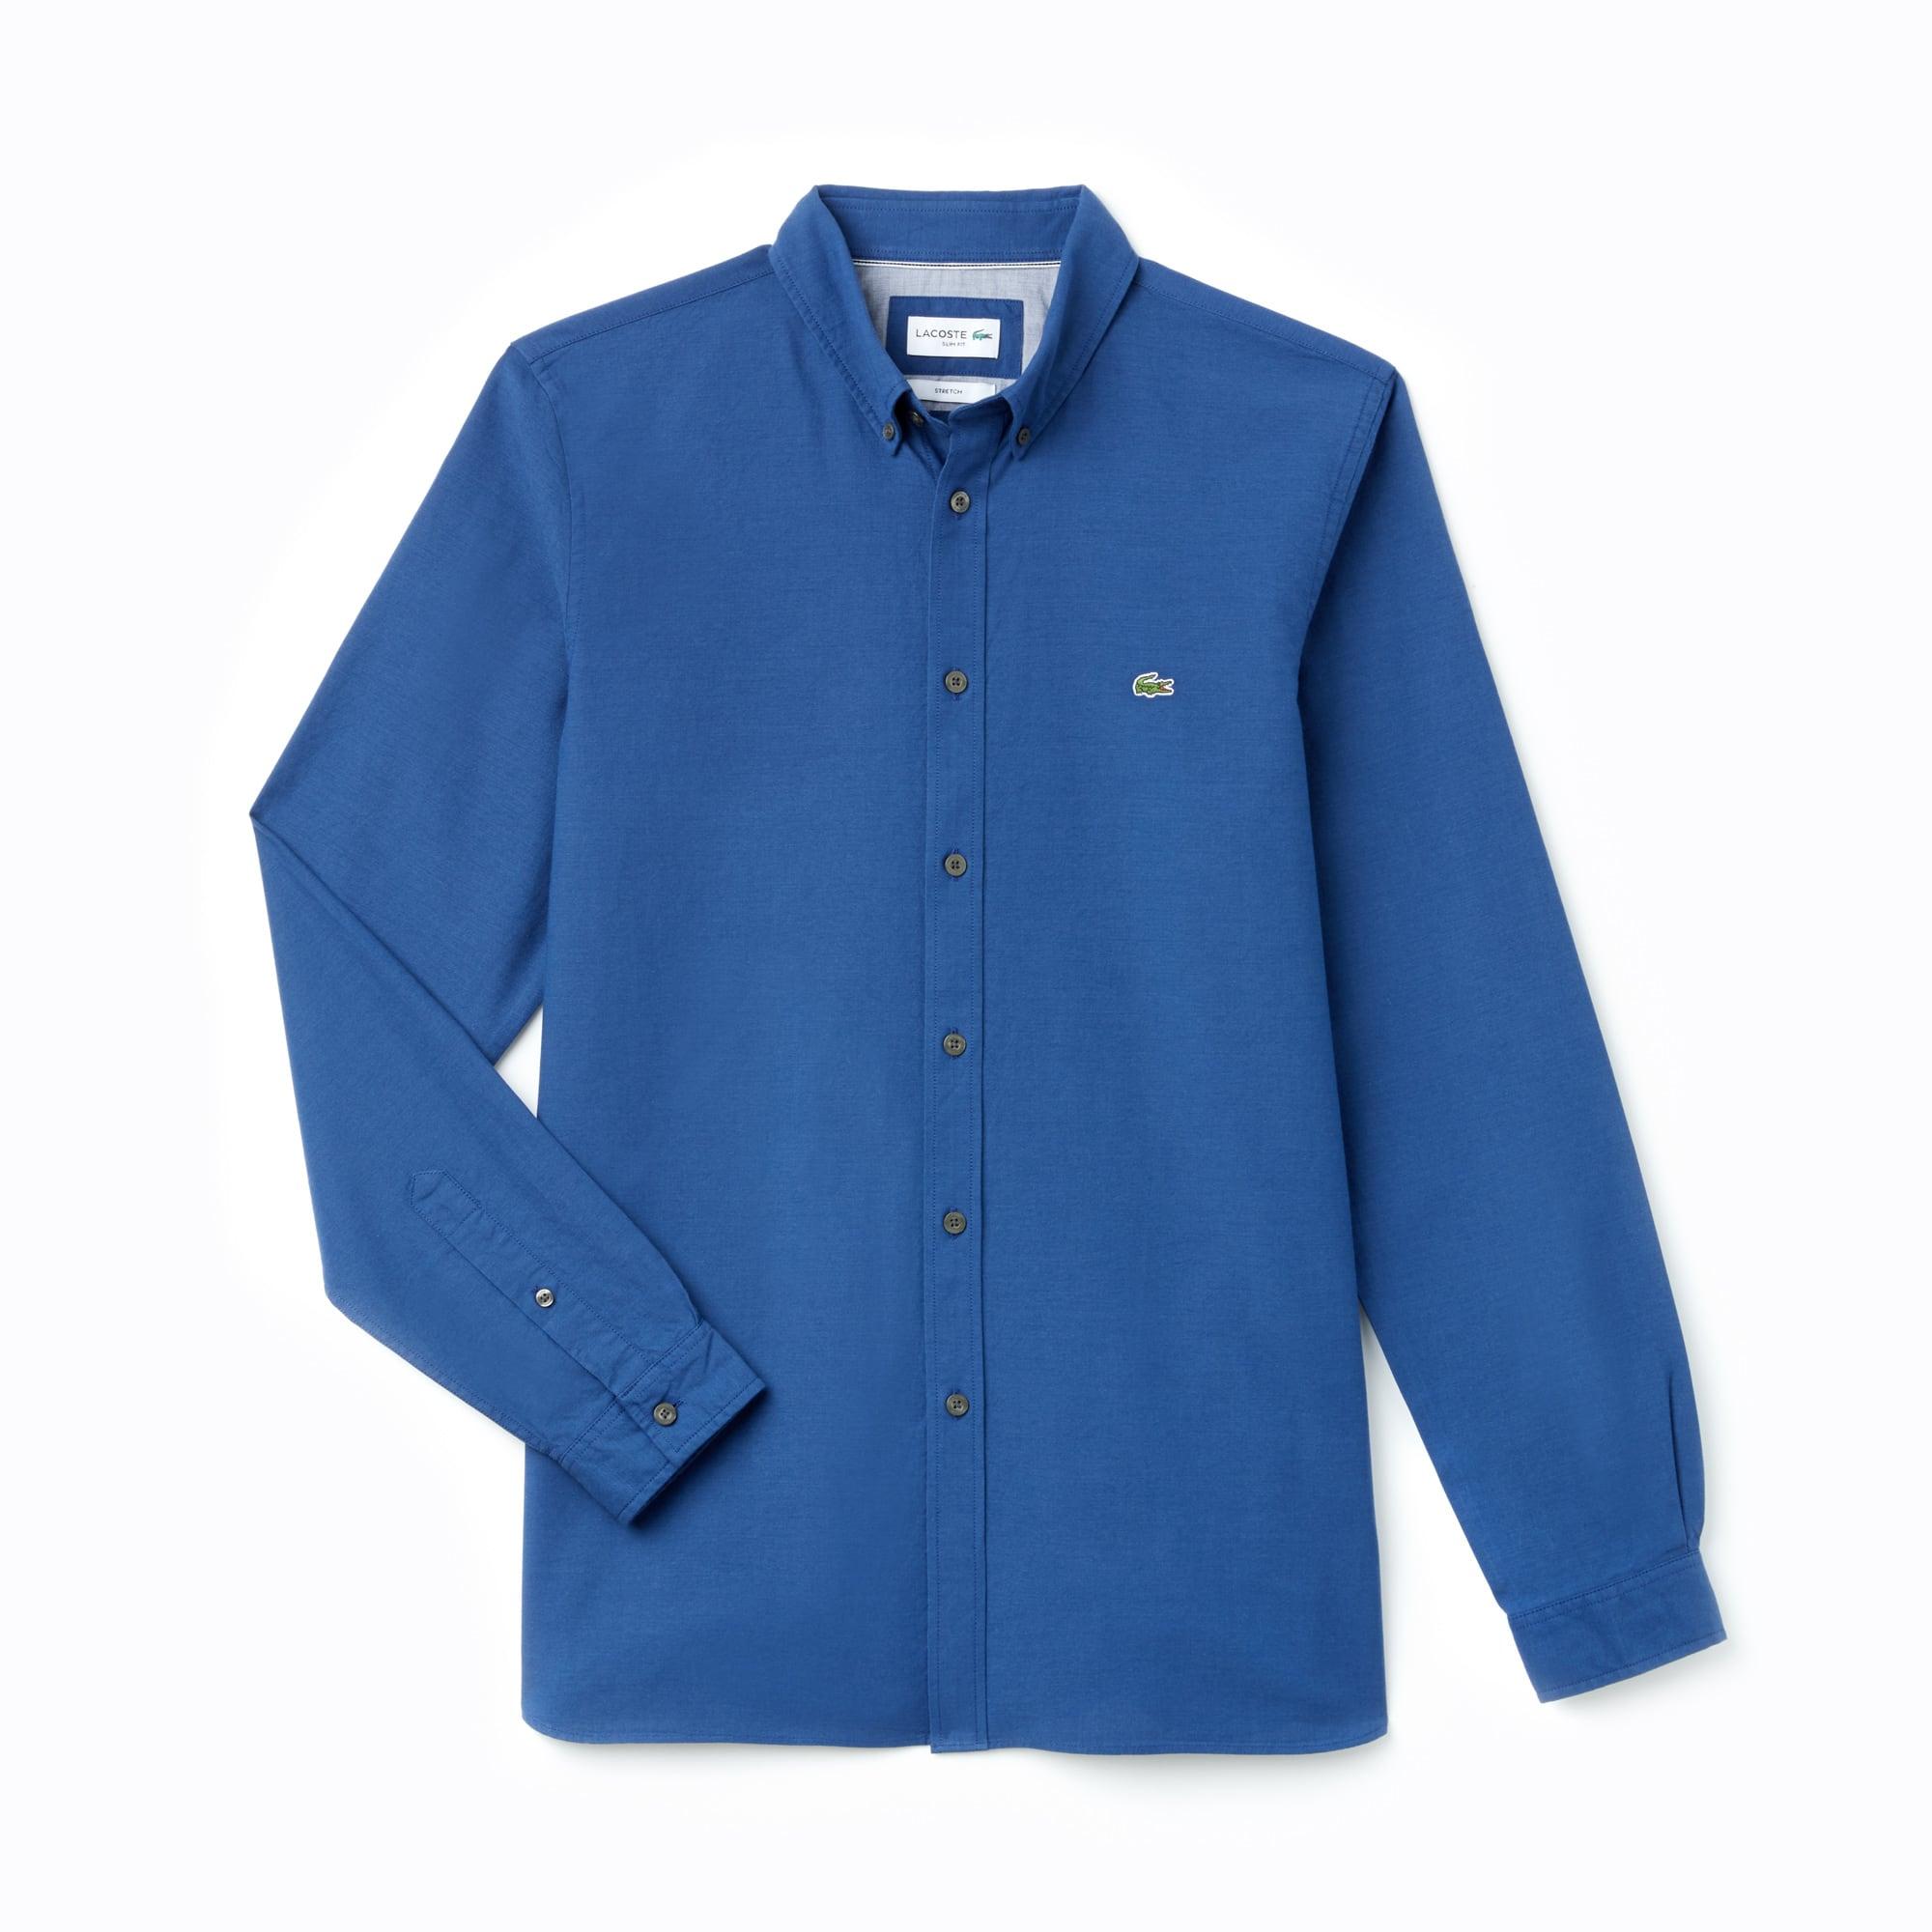 라코스테 Lacoste Mens Slim Fit Stretch Oxford Cotton Shirt,navy blue